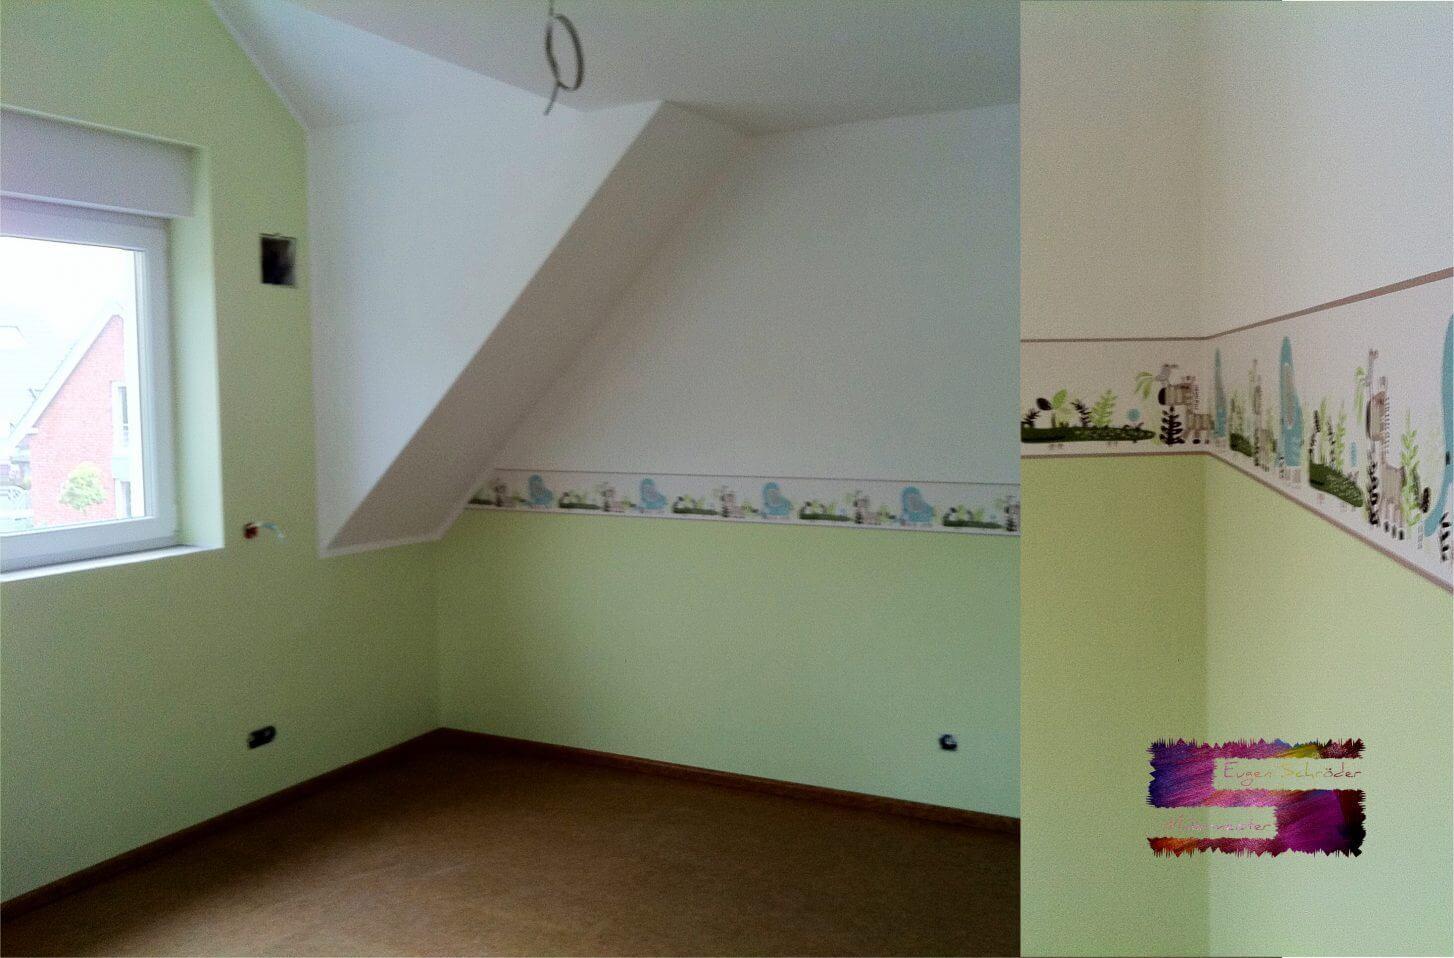 Kinderzimmer renovieren malermeister eugen schr der in for Kinderzimmer renovieren